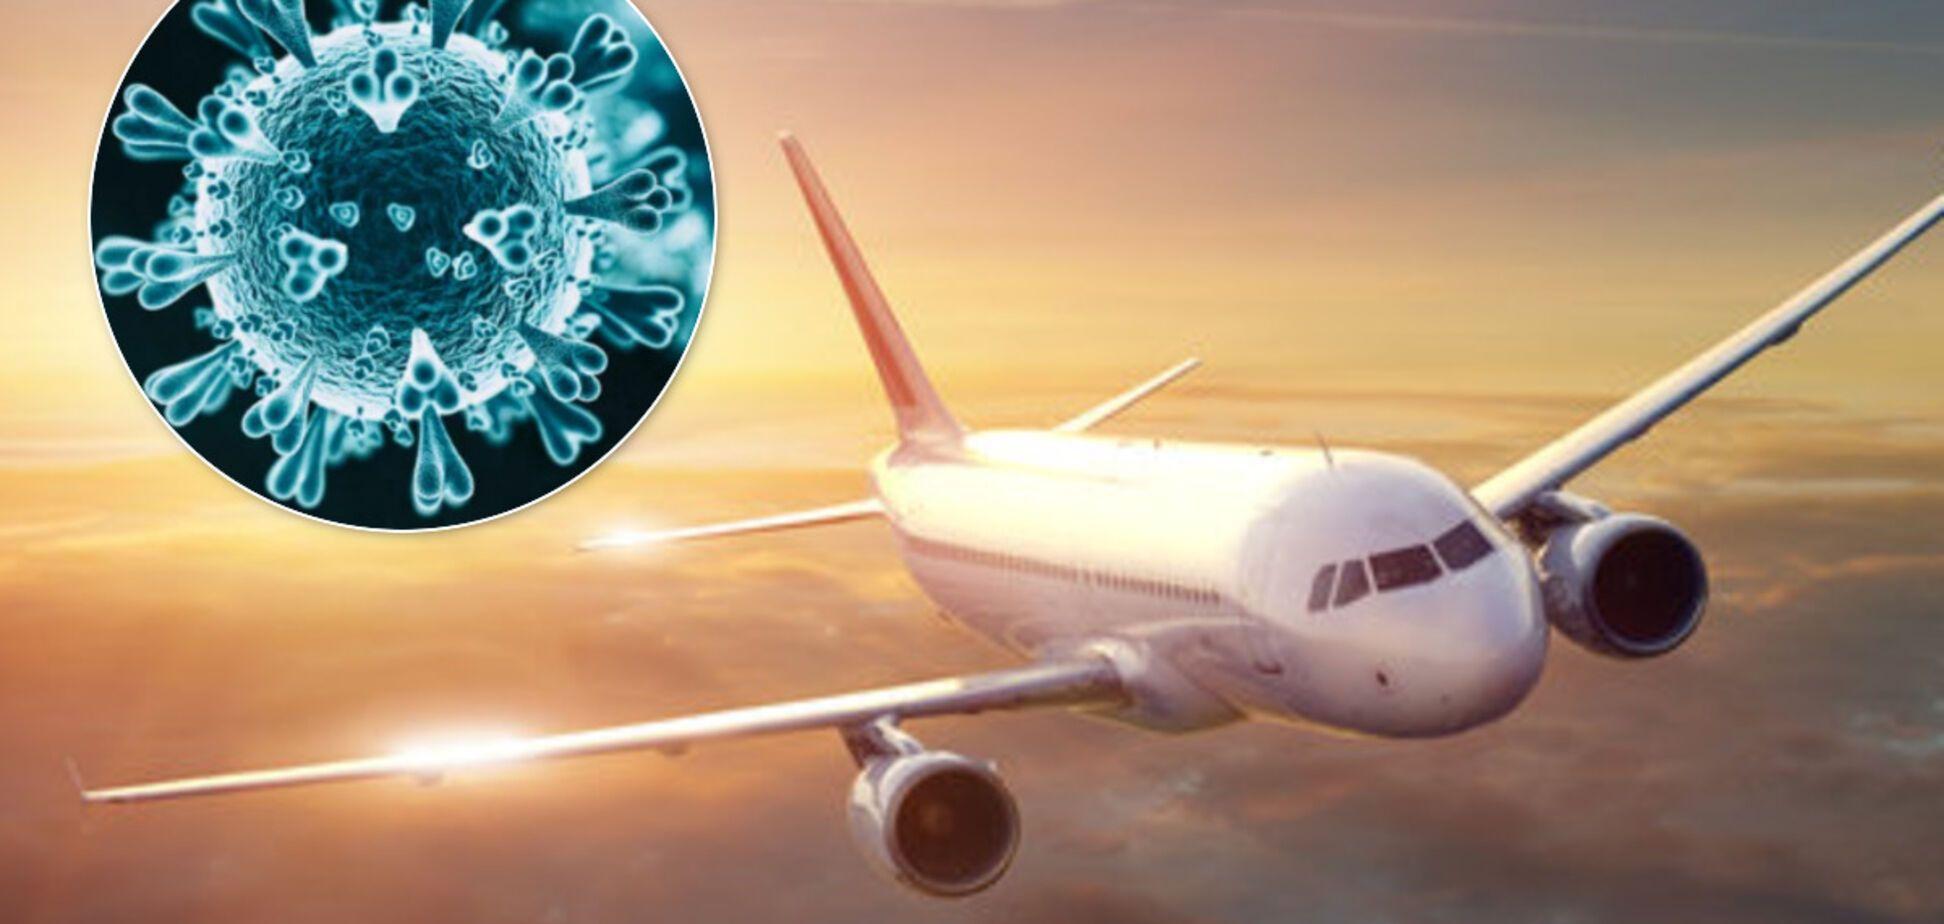 Епідемія коронавірусу: на Заході розповіли, як багатії долають кризу